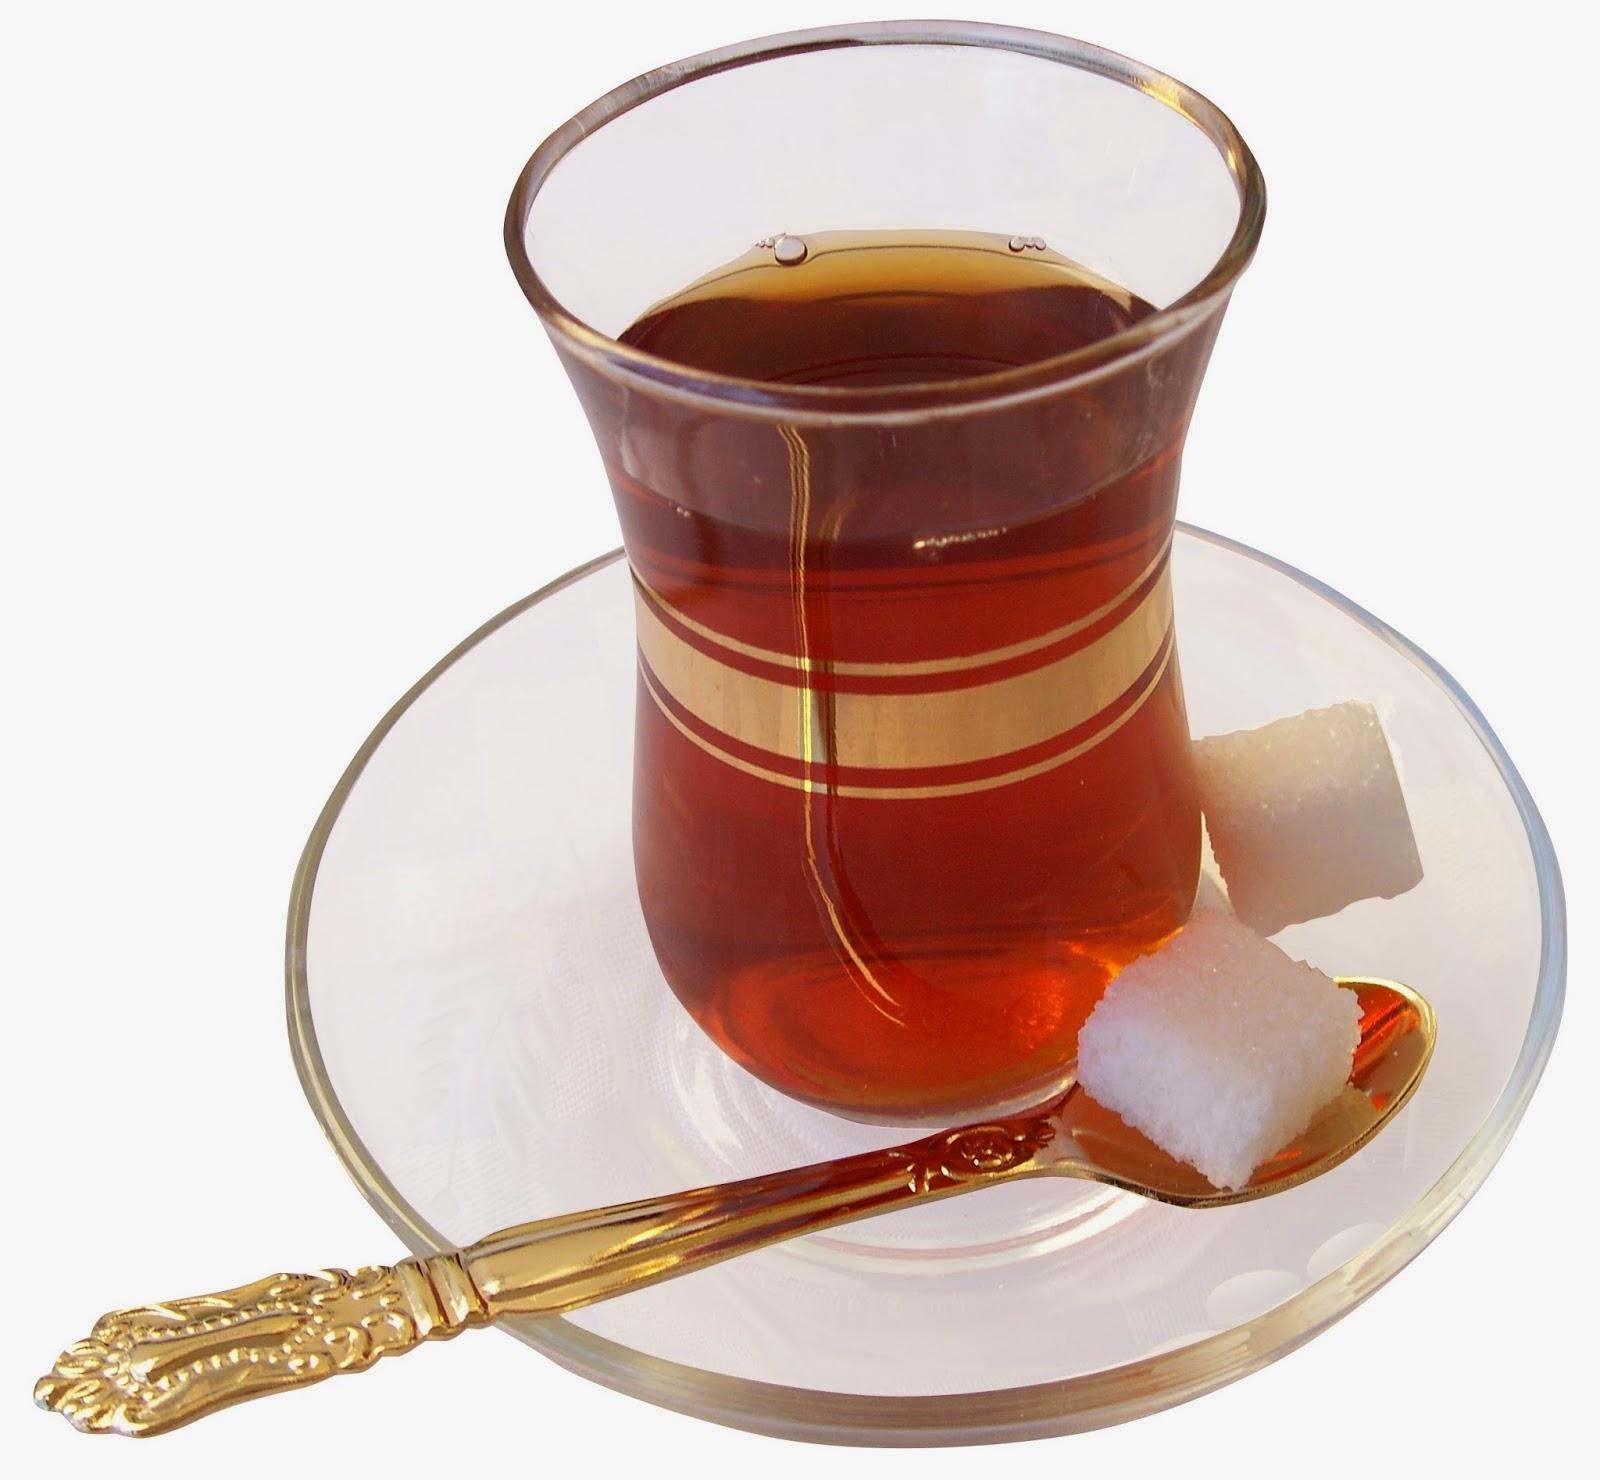 El té con o sin azúcar